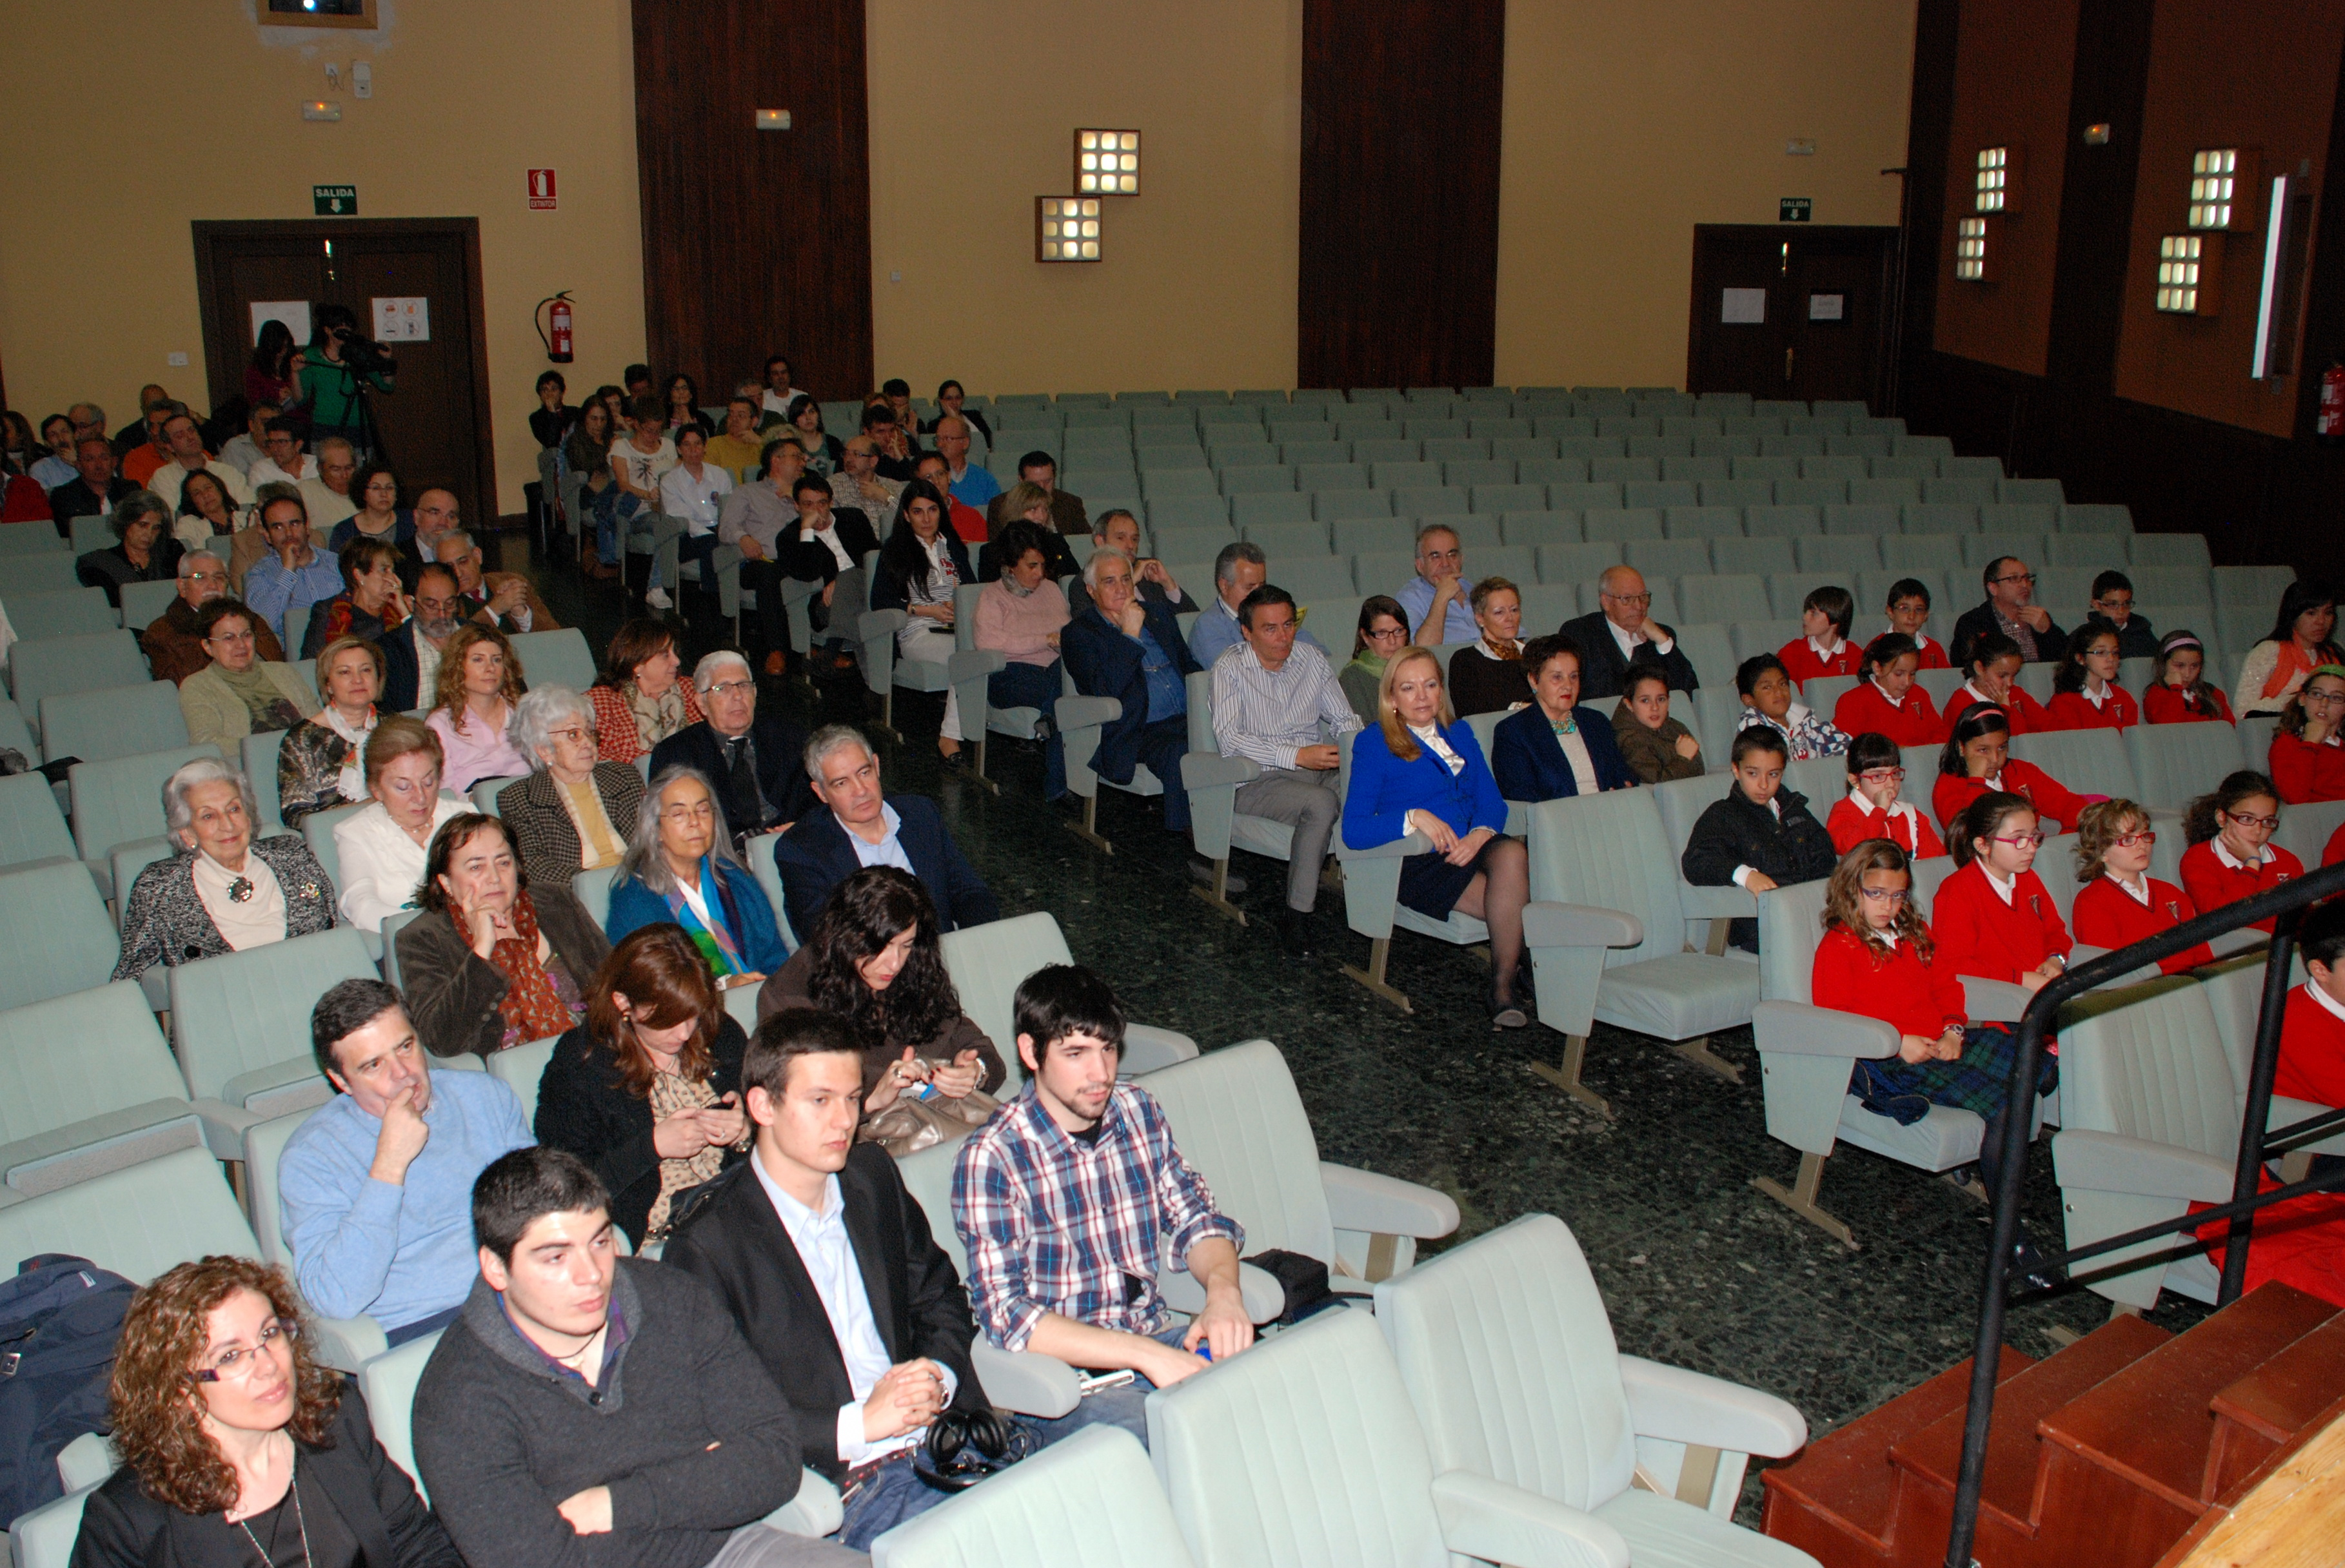 La Facultad de Ciencias de la Universidad de Salamanca acoge un acto oficial en conmemoración del XXV aniversario de la 'Sala de las Tortugas' y su fundador, Emiliano Jiménez